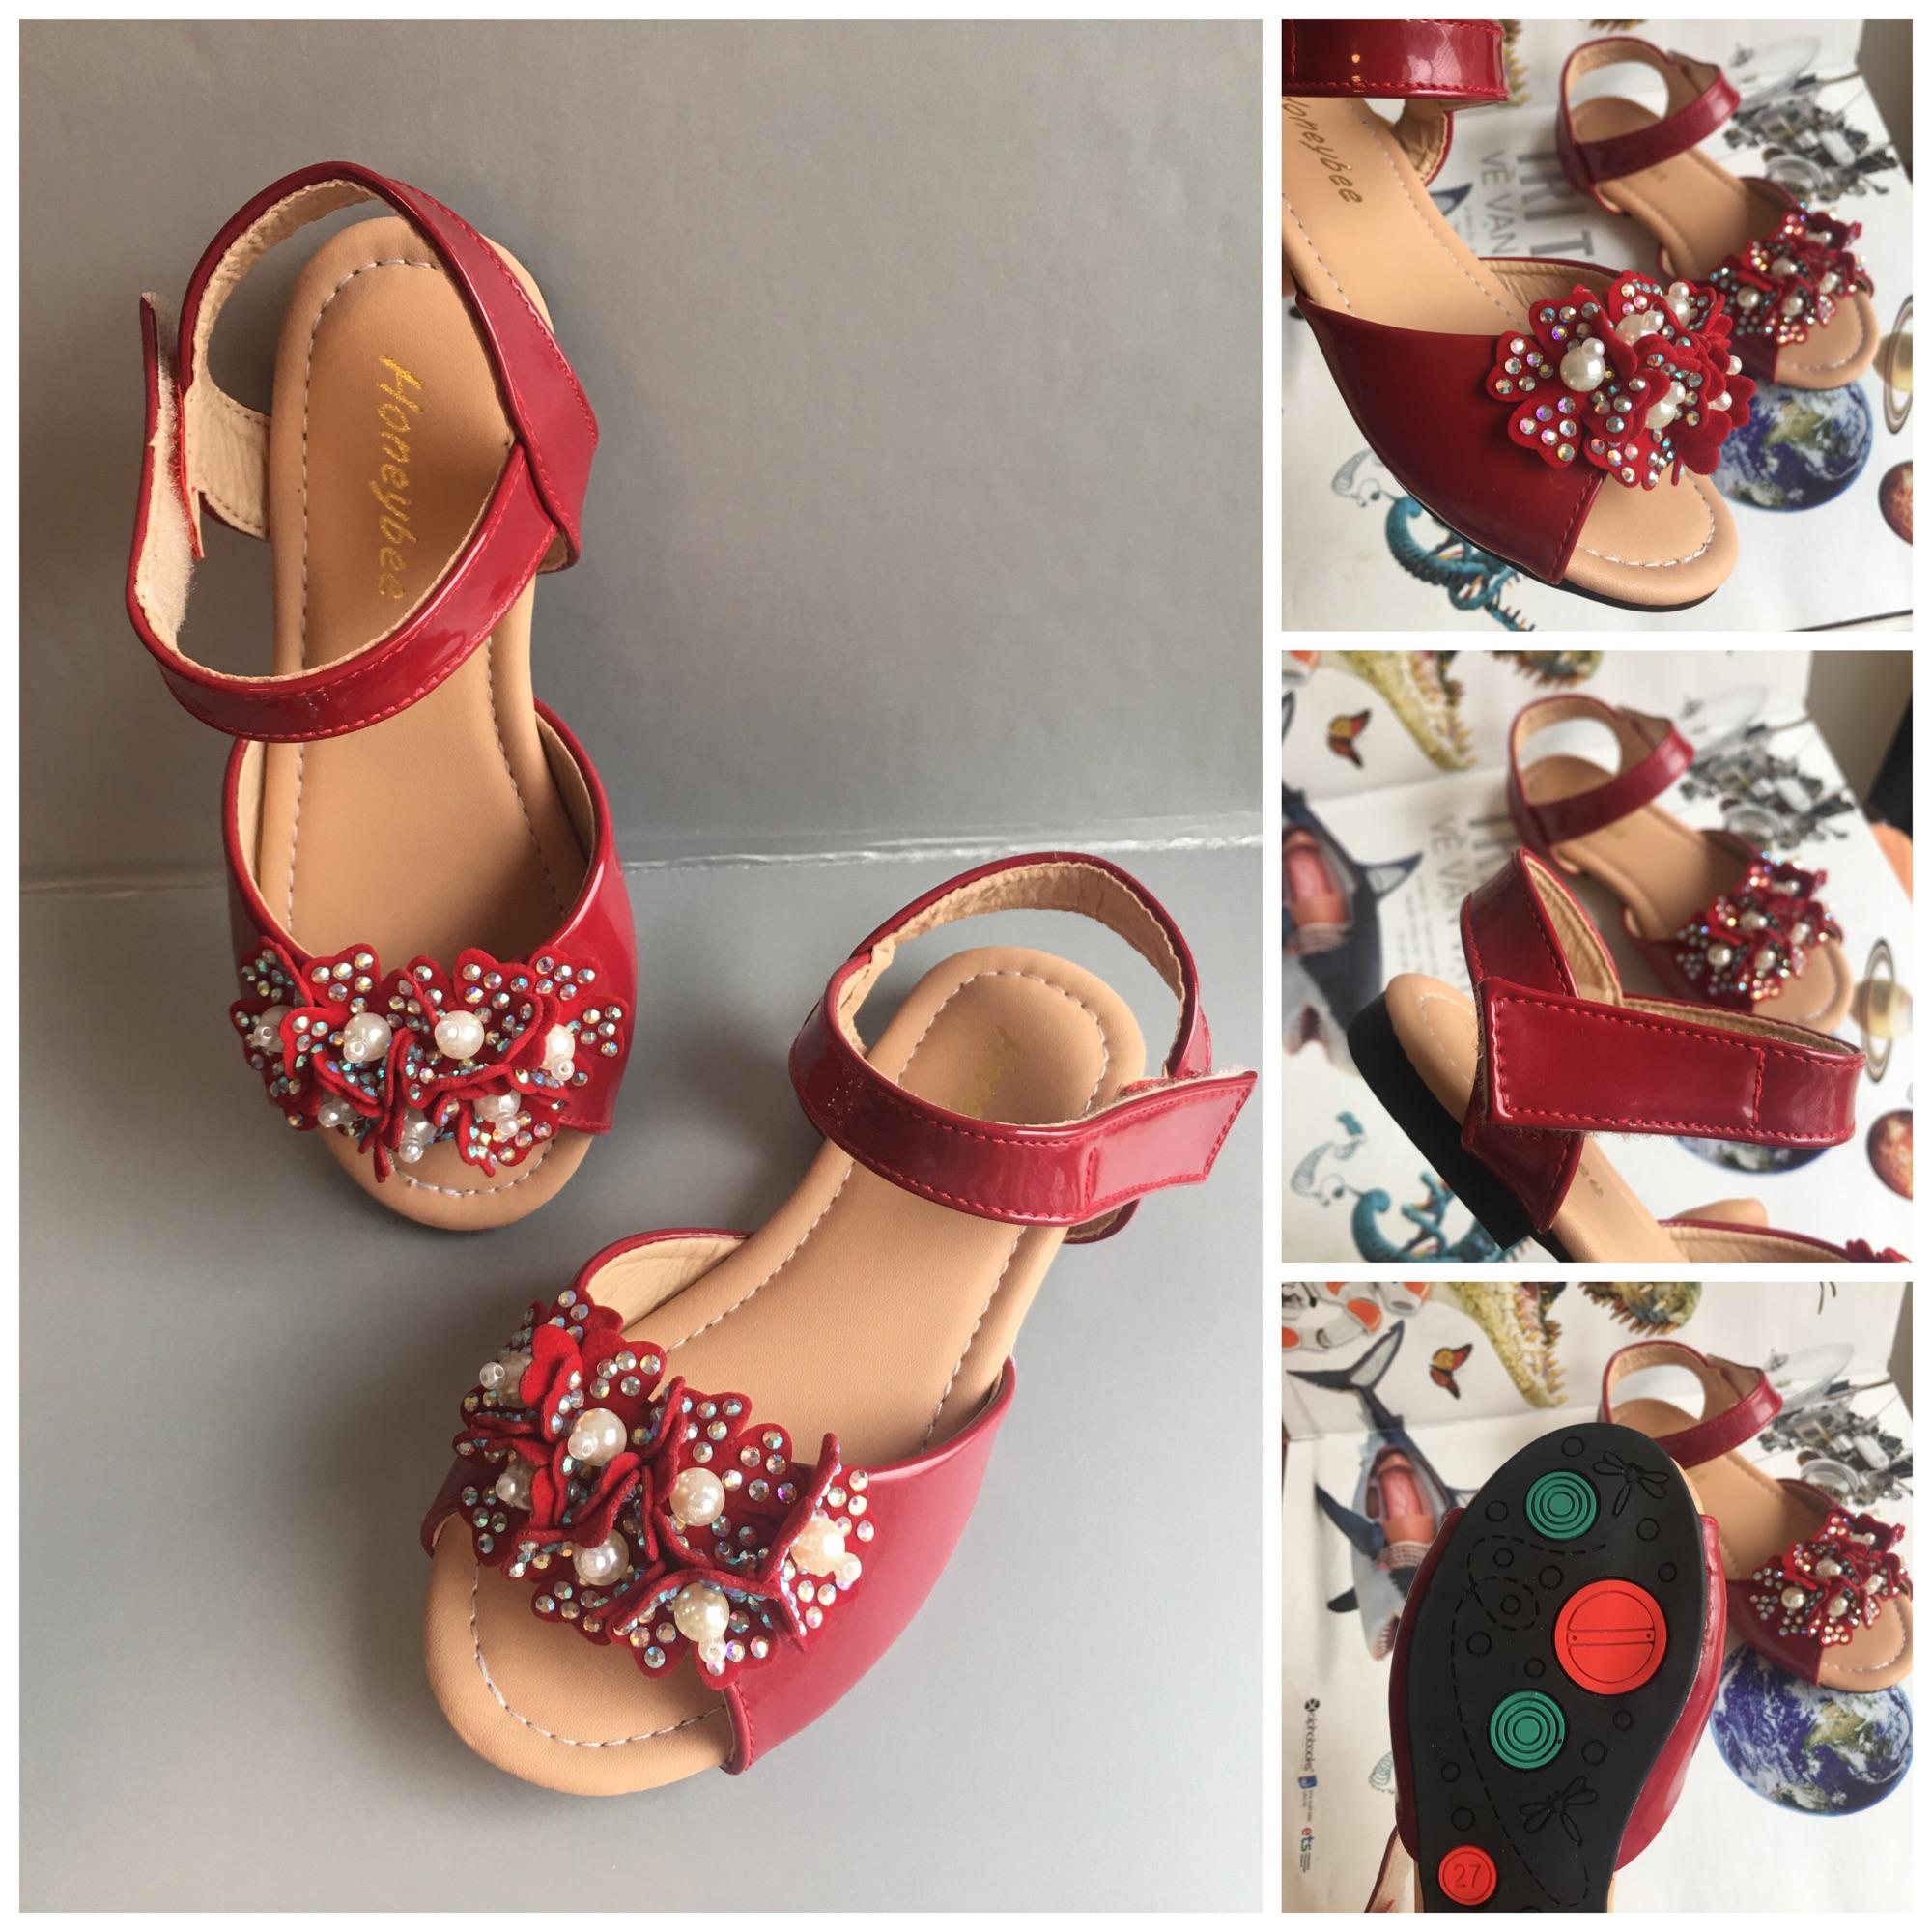 Giá bán Dép sandal cho bé gái 00321 sz26-30 màu đỏ